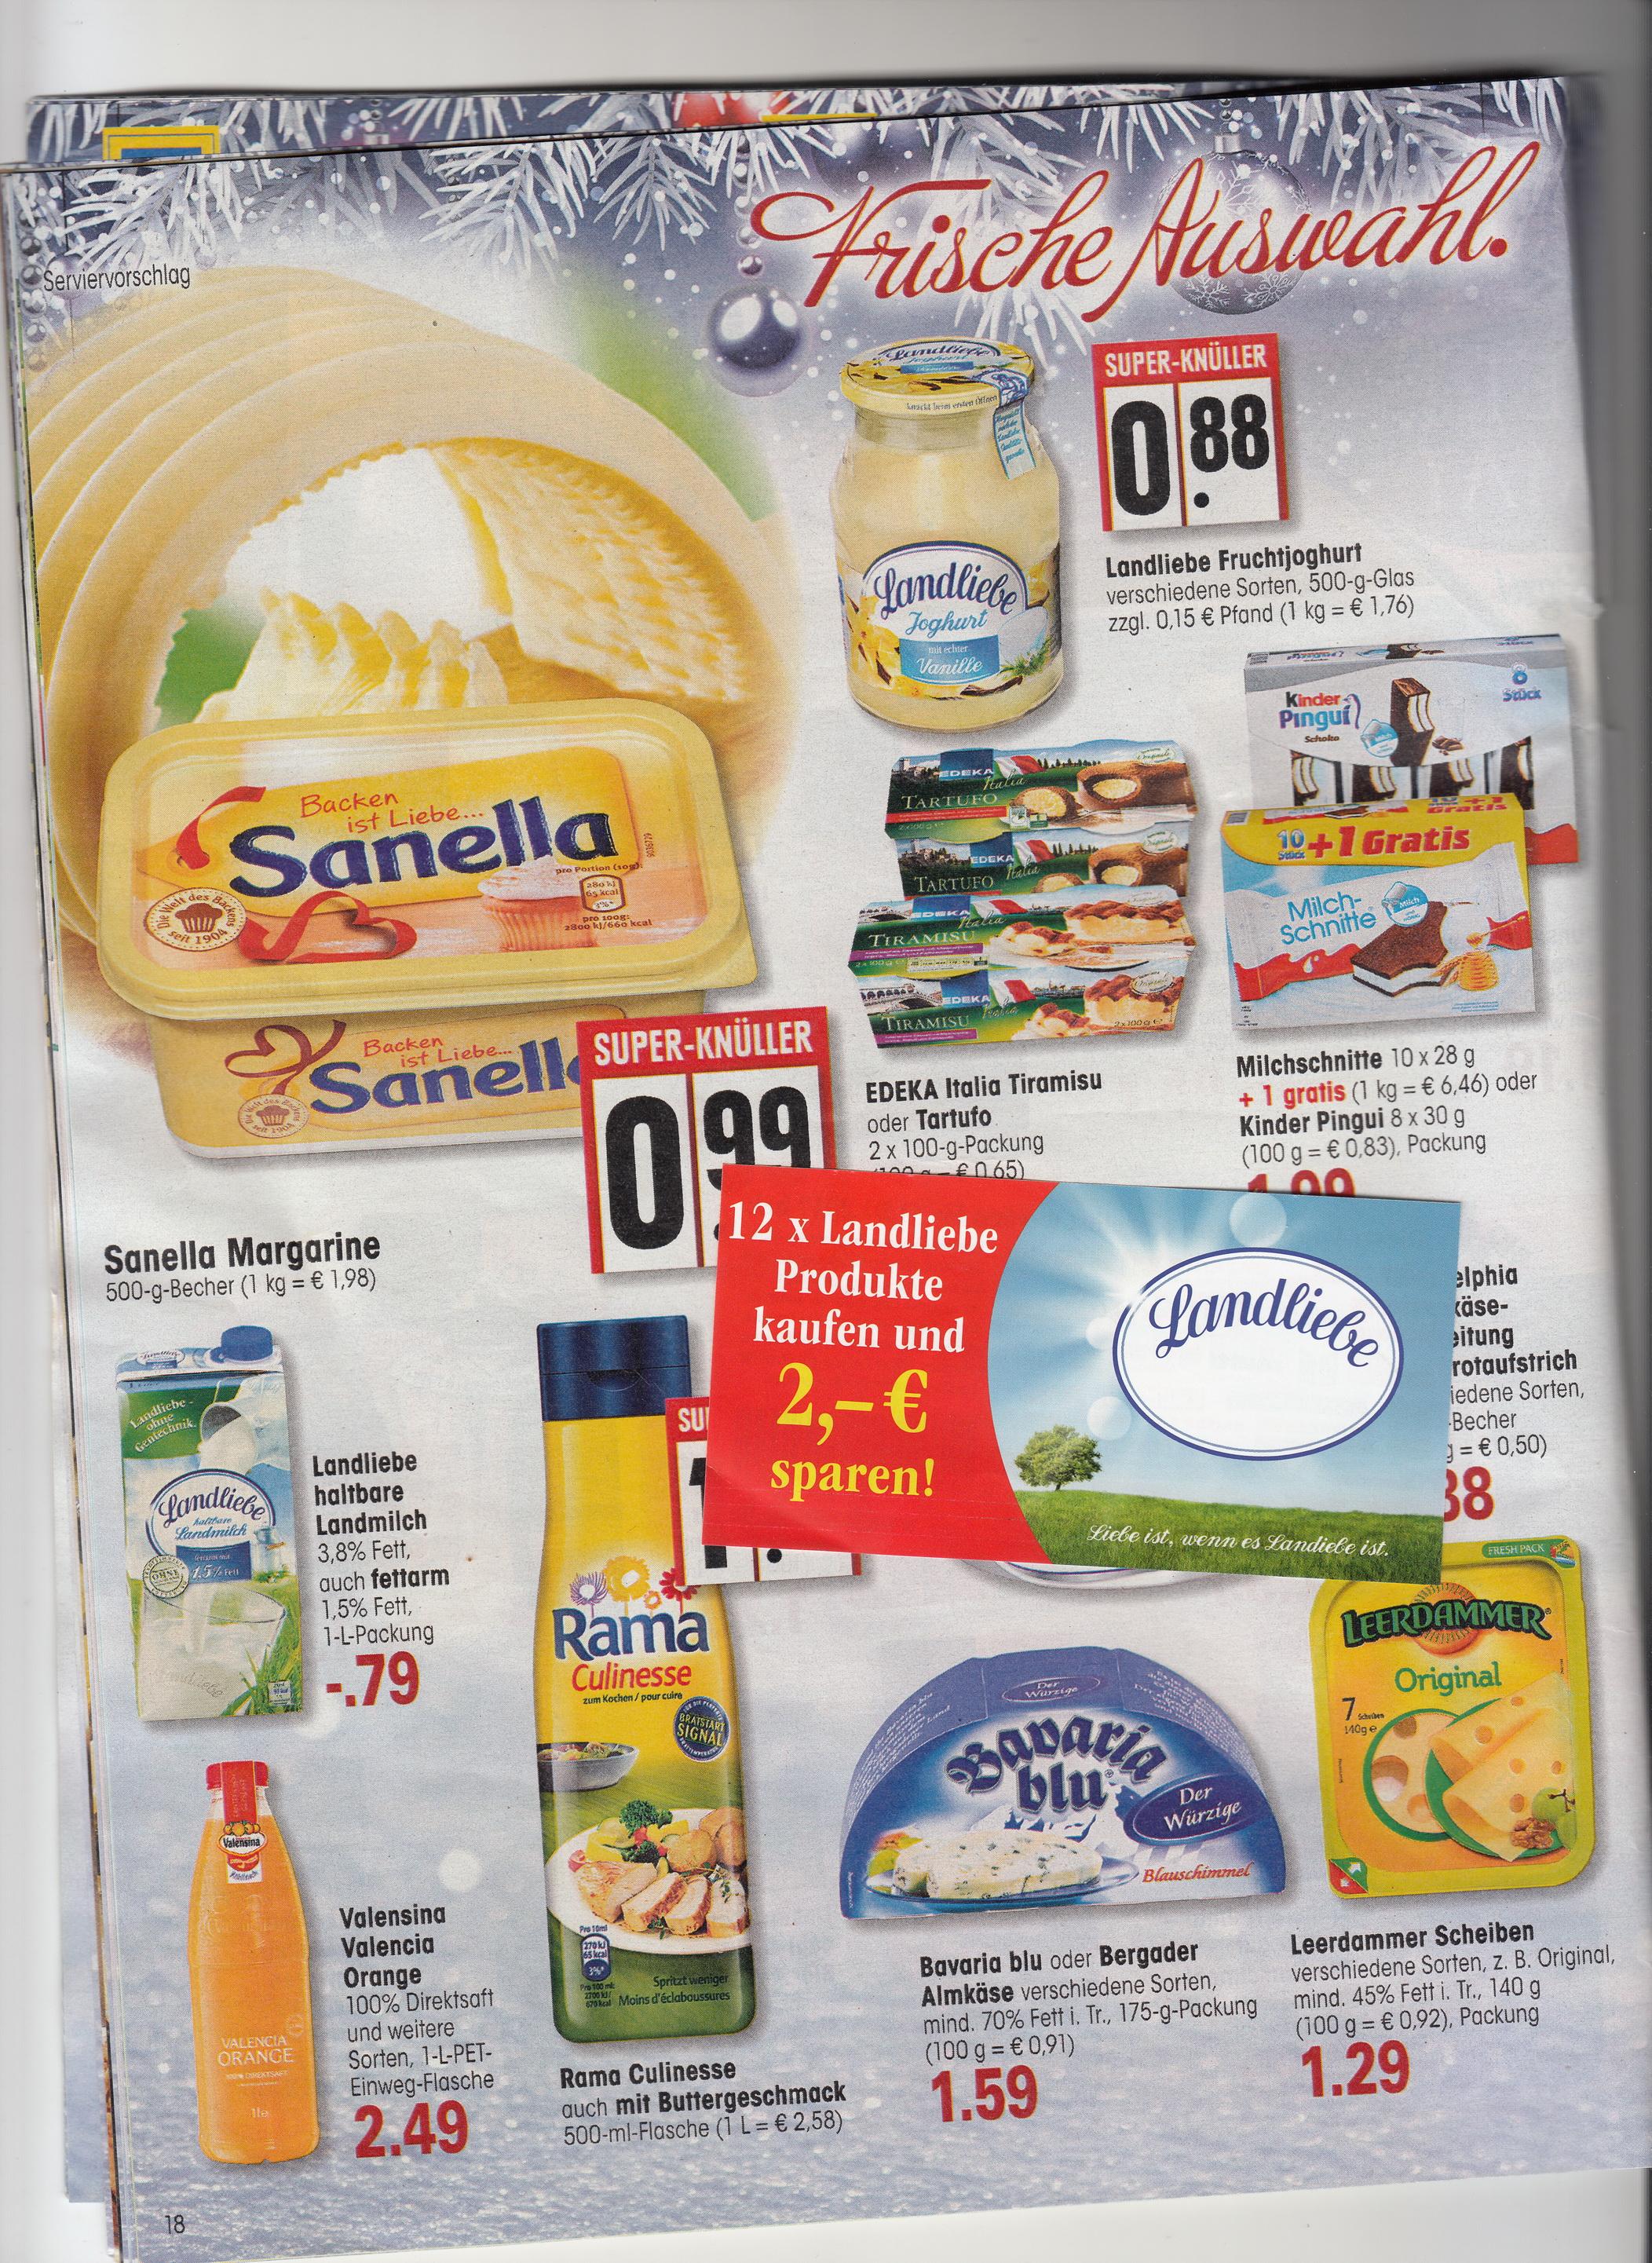 EDEKA -  Landliebe Milch 1 Liter für 0,63 Euro bei kauf von 12 x 1 L